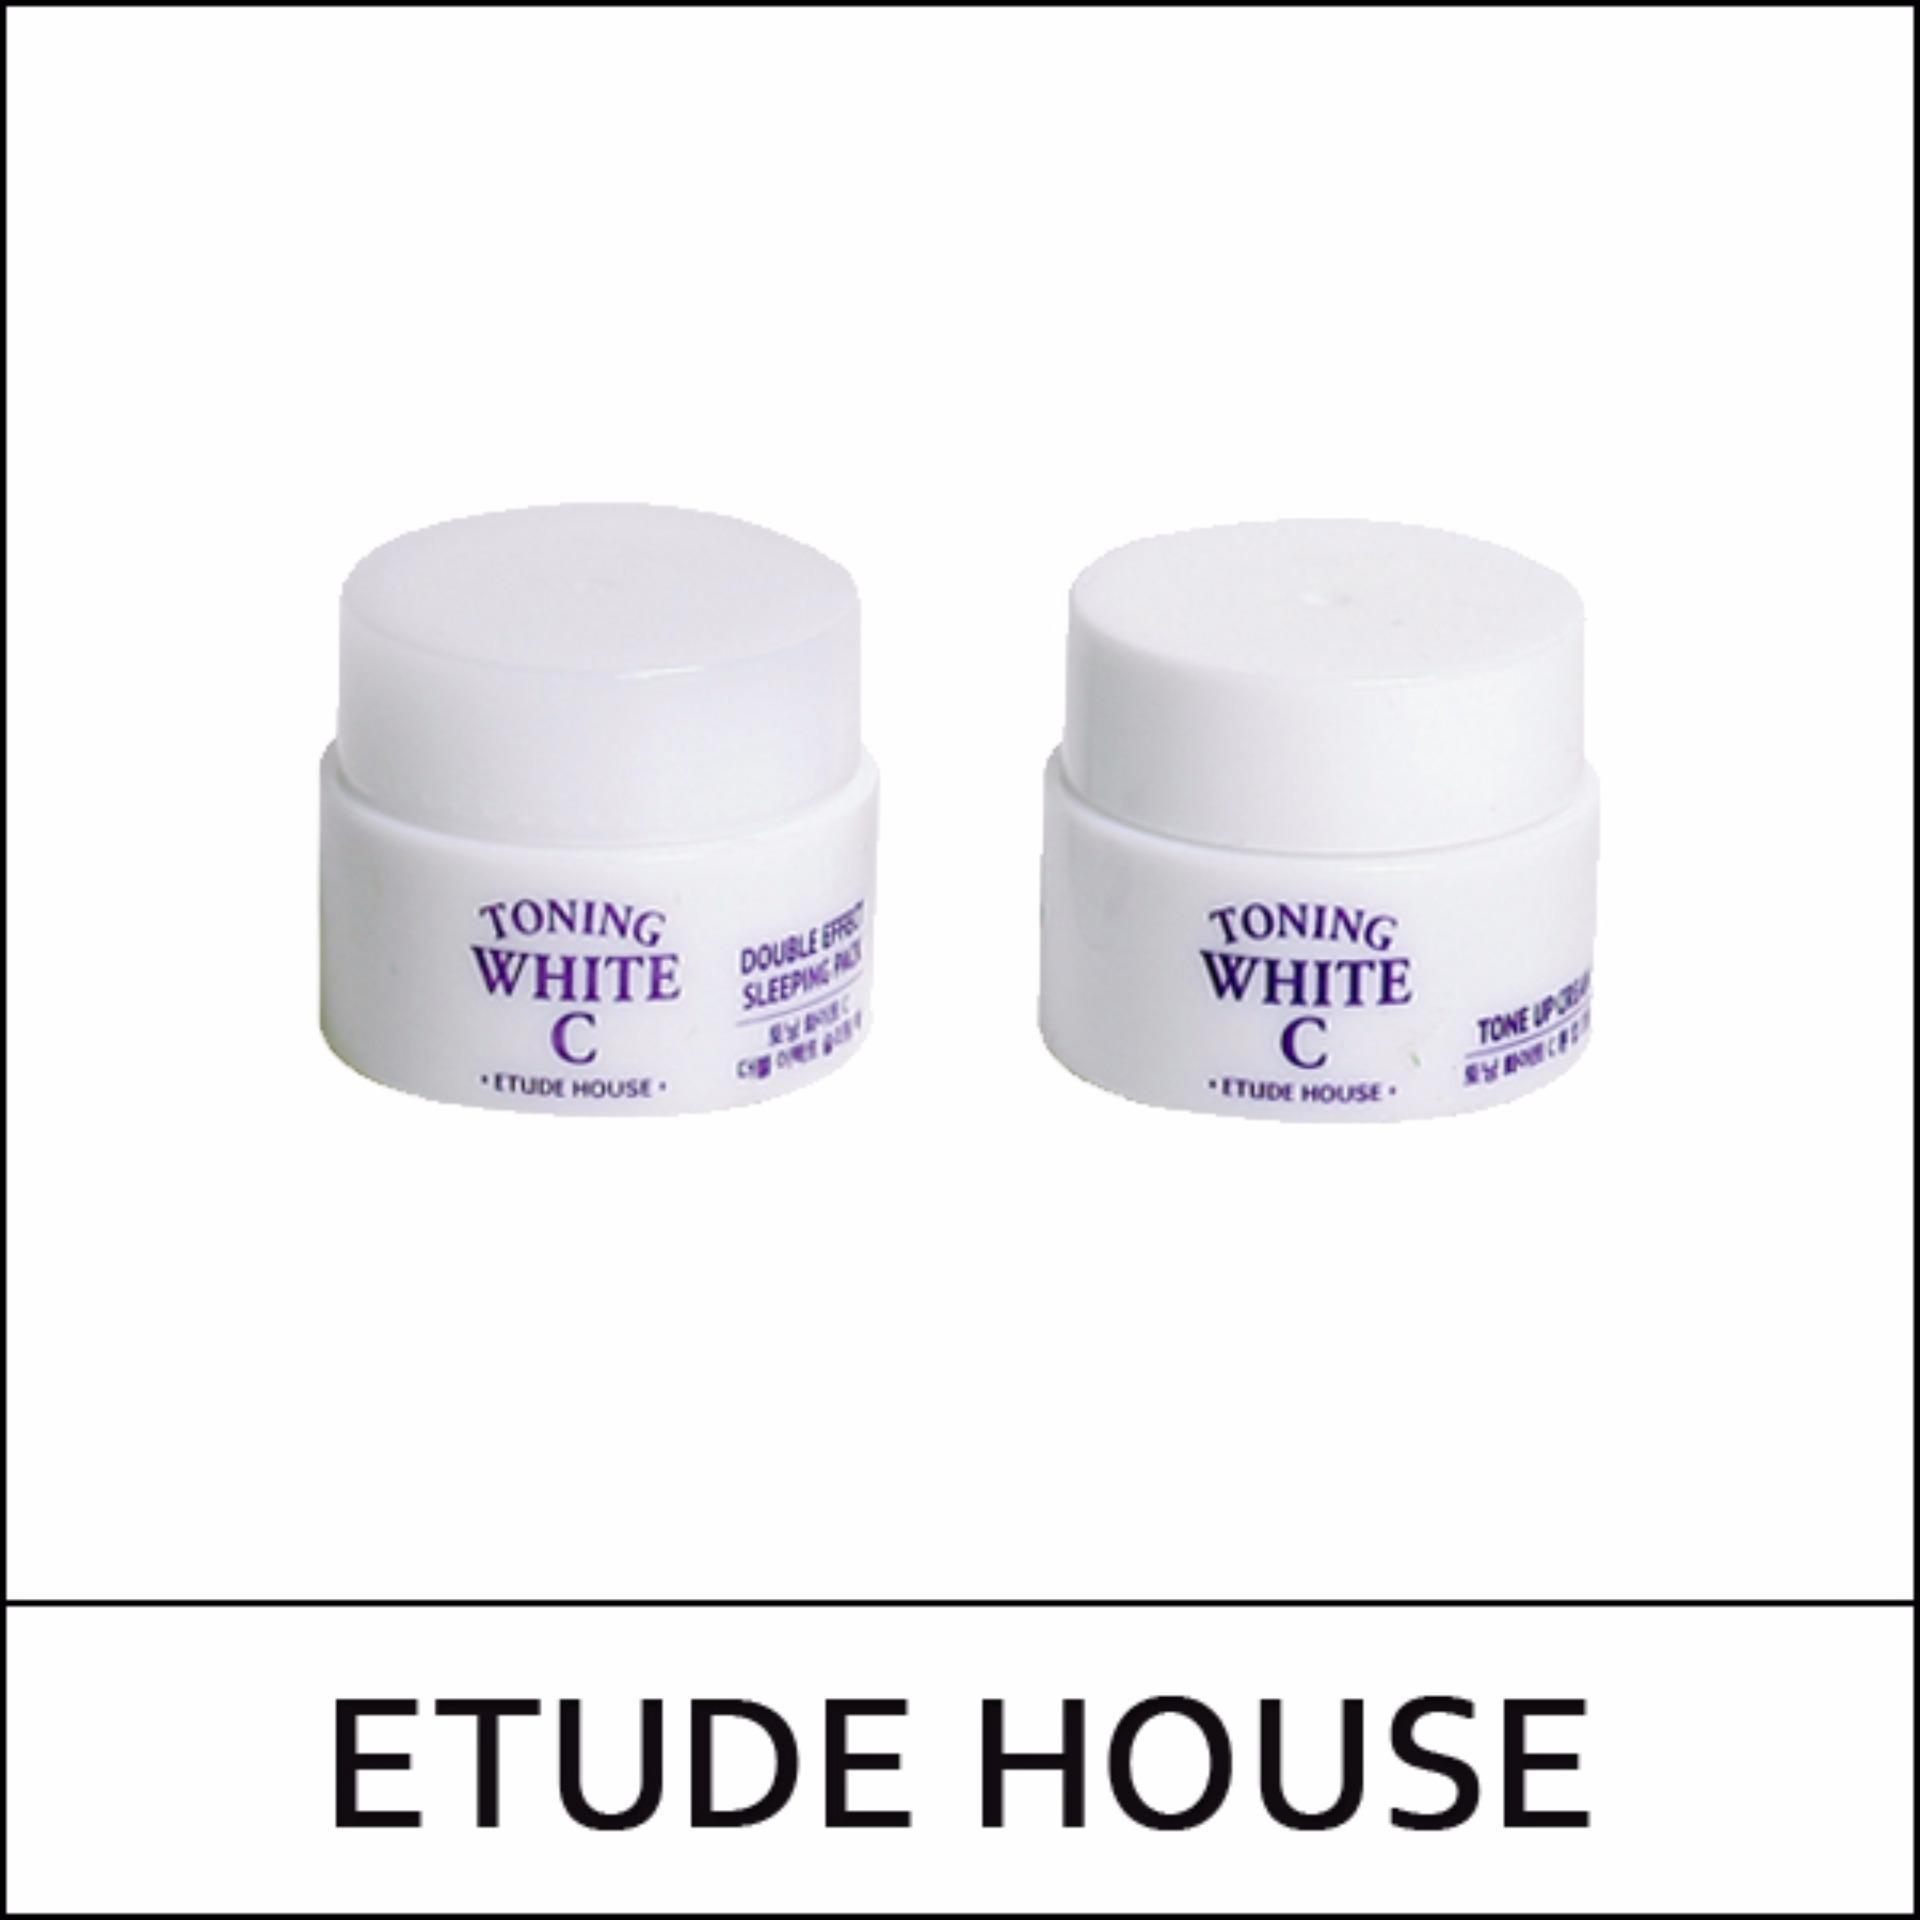 etude-house-toning-white-c-value-kit-1234-89229555-74384c9ca9488f744126232fd5f08a4d 10 List Harga Pelembab Wajah Etude Termurah minggu ini